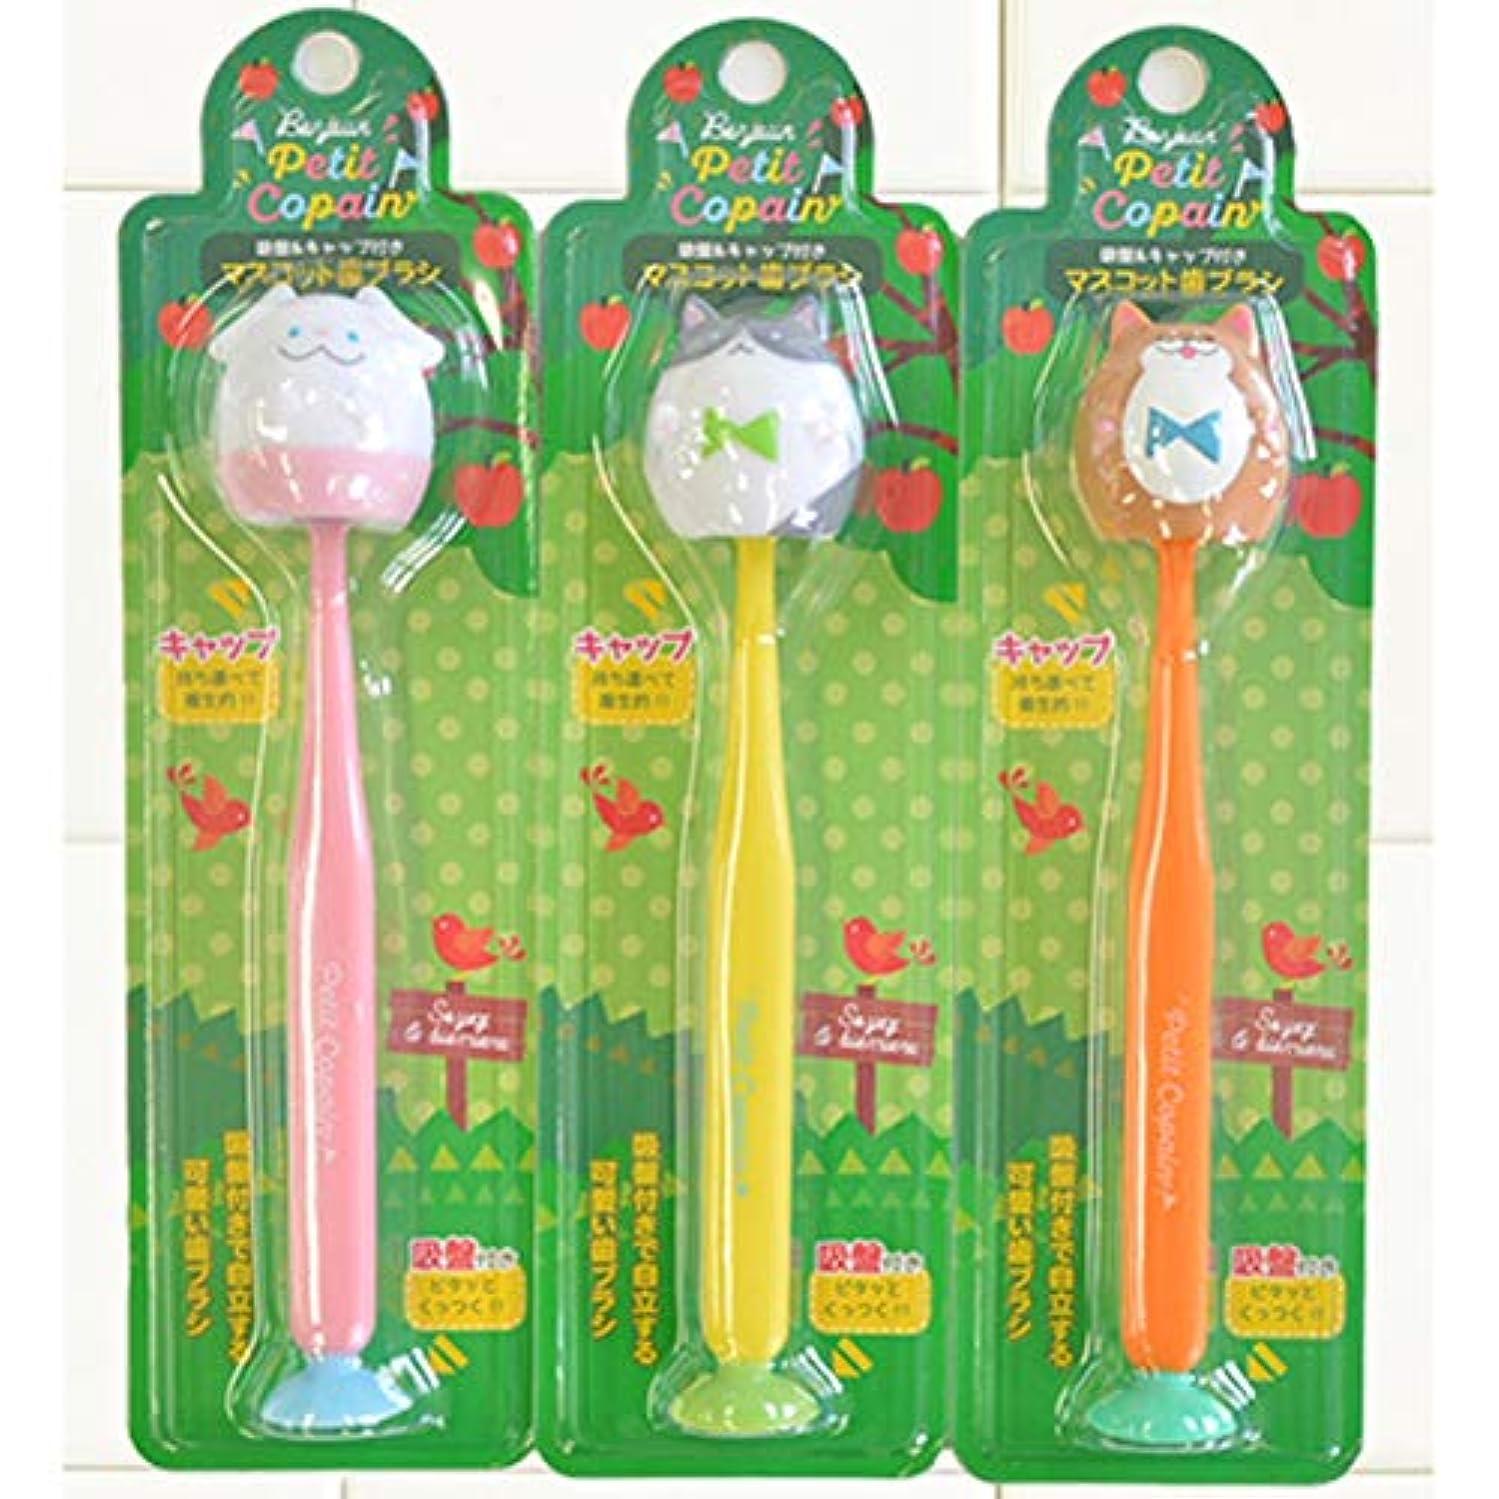 教師の日欠席試用プティコパン 吸盤付き歯ブラシ 3本セット(ウサギ?ネコ?シバイヌ)